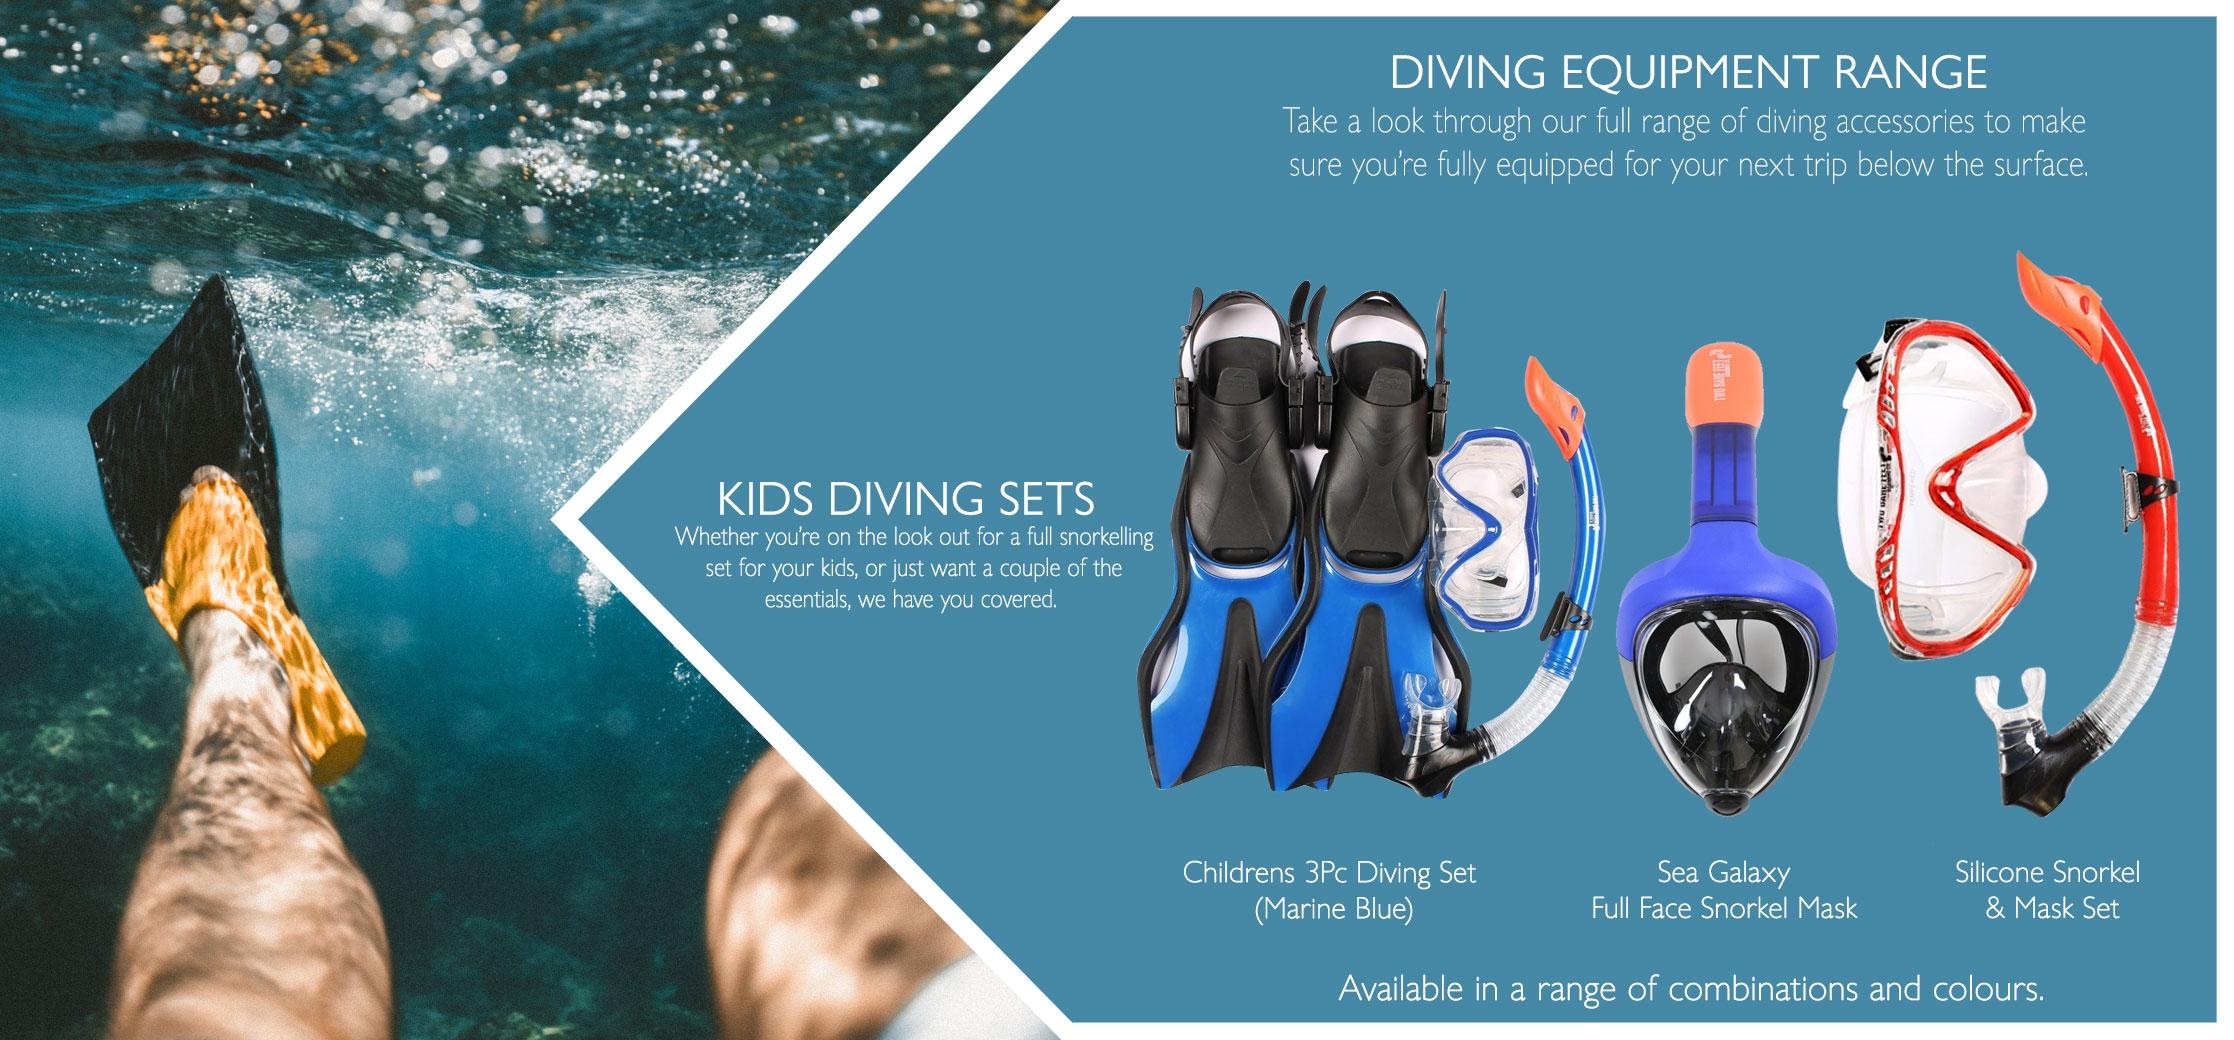 Kids diving sets variations